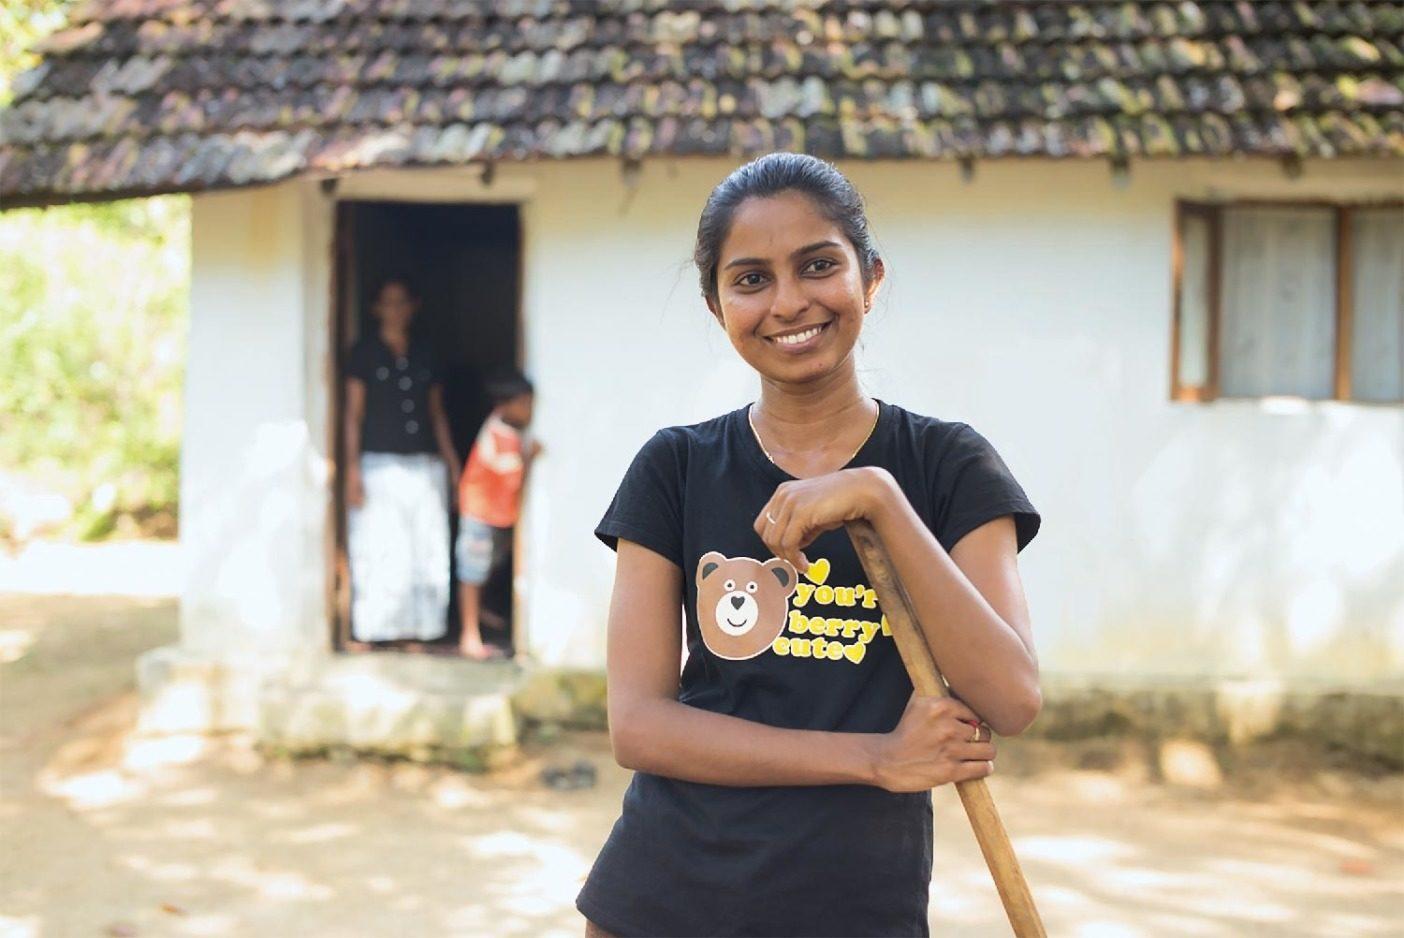 スリランカのパンティヤから30分のところにある自宅の前に立つサンドゥニ・マドゥーシャ。サンドゥニはフェアトレード・サーティファイド縫製の製品を製造するスリランカの提携施設で働く。アジアのパタゴニア現場マネージャーによると、2017年のスリランカのモンスーンは生命に関わるような洪水を起こし、多くの労働者が出勤できなかった。Photo:Tim Davis